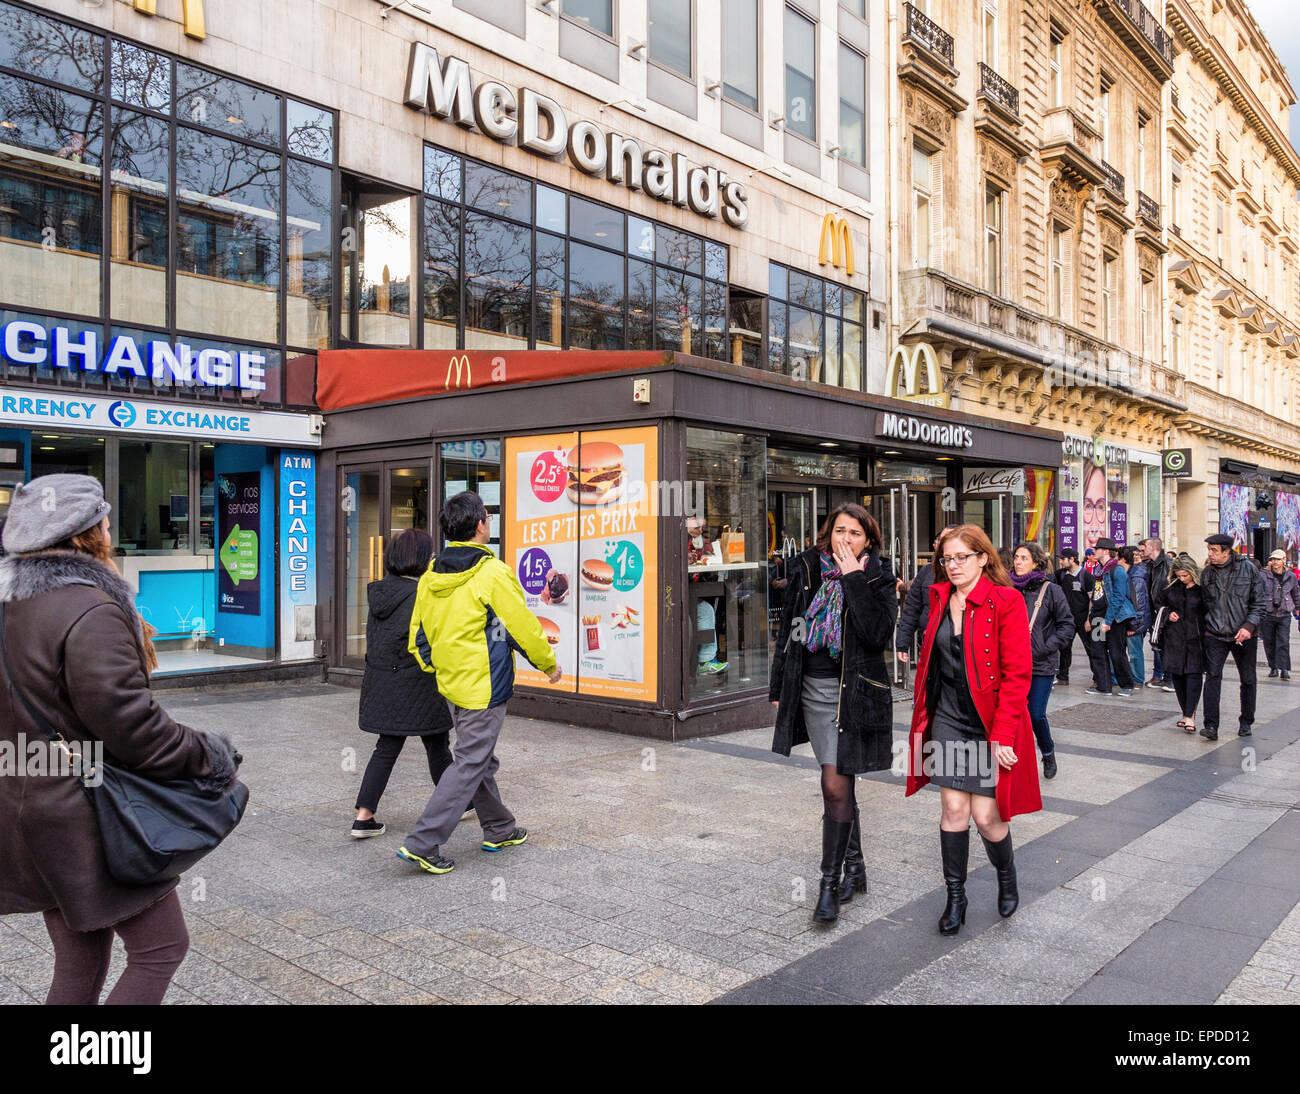 McDonalds fast food hamburger shop exterior, Champs-Elysees, Paris - Stock Image